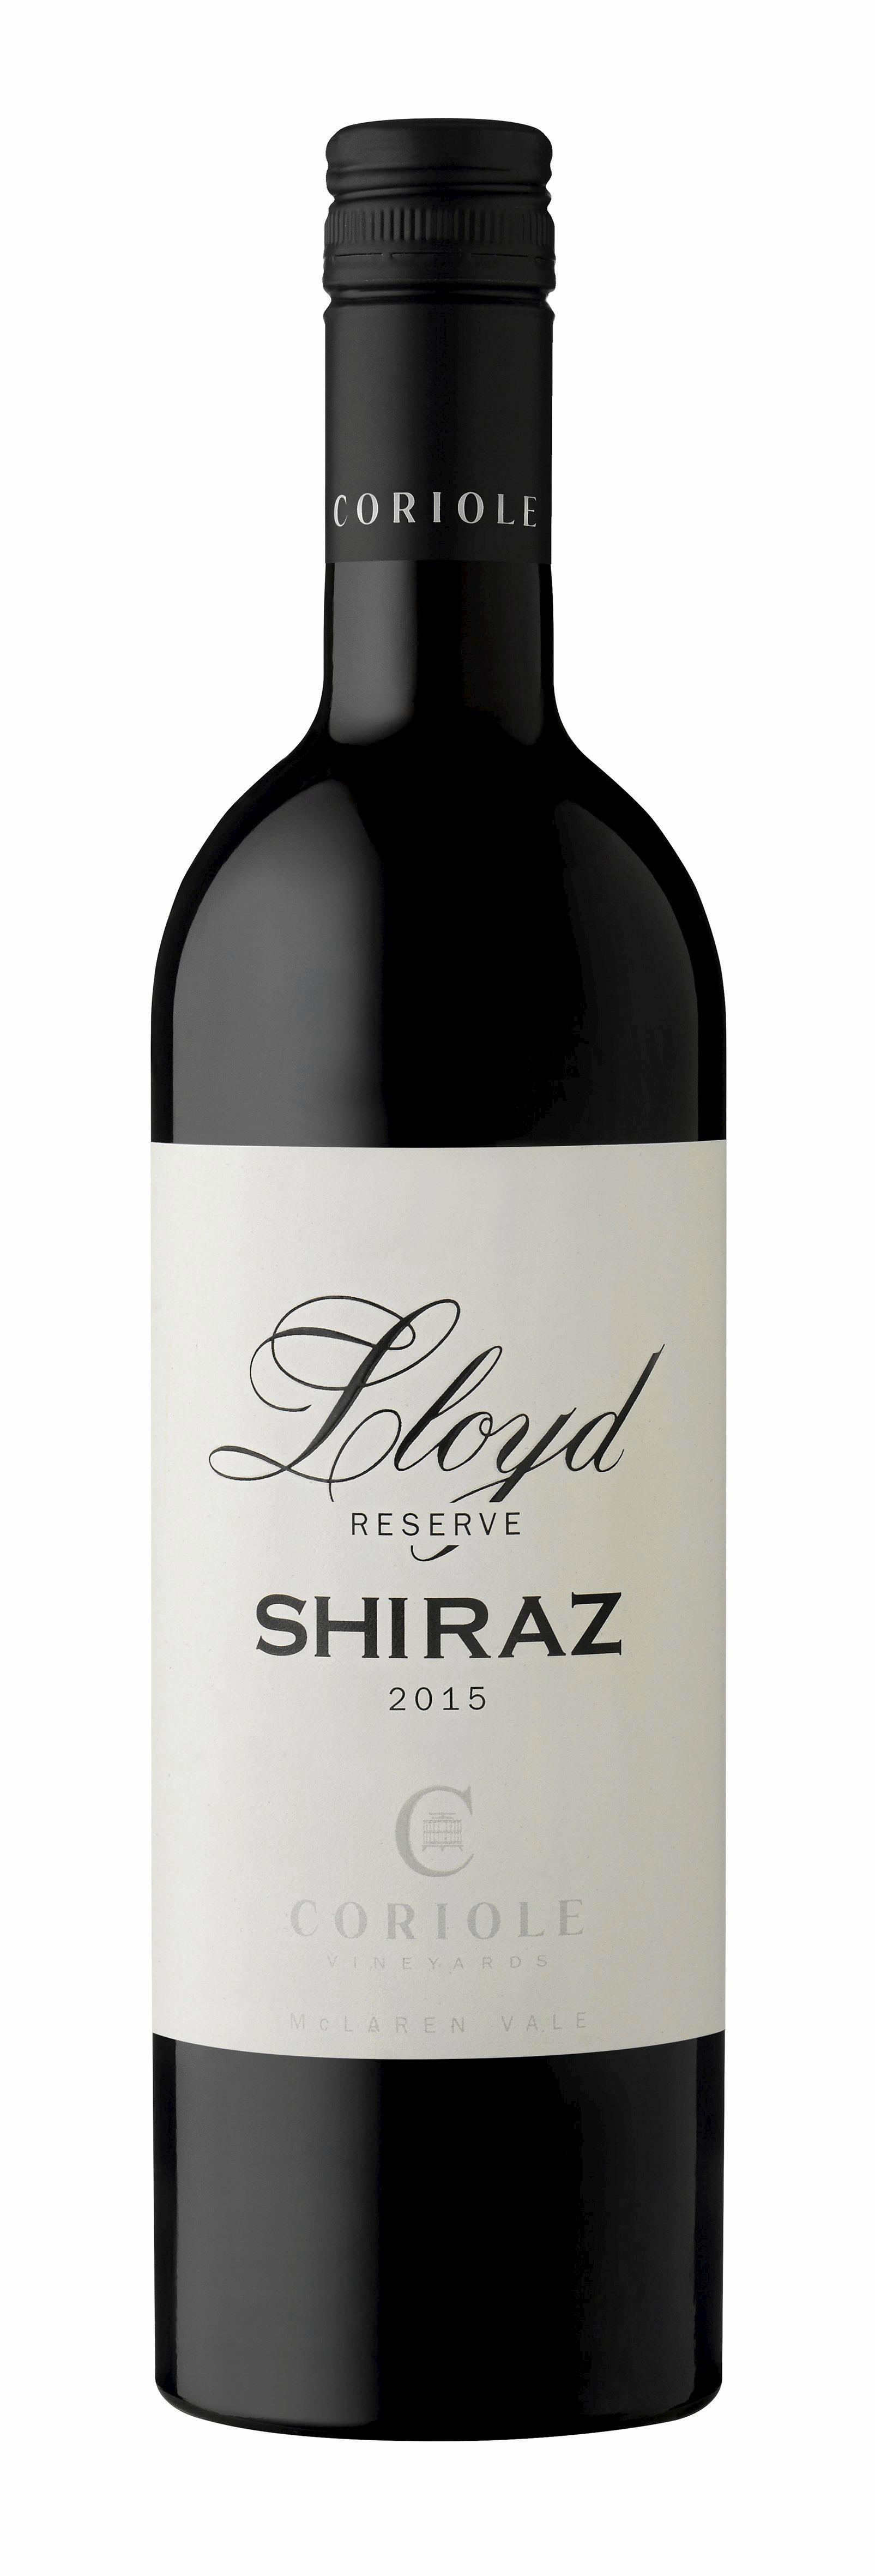 Lloyd, Shiraz, 2015.